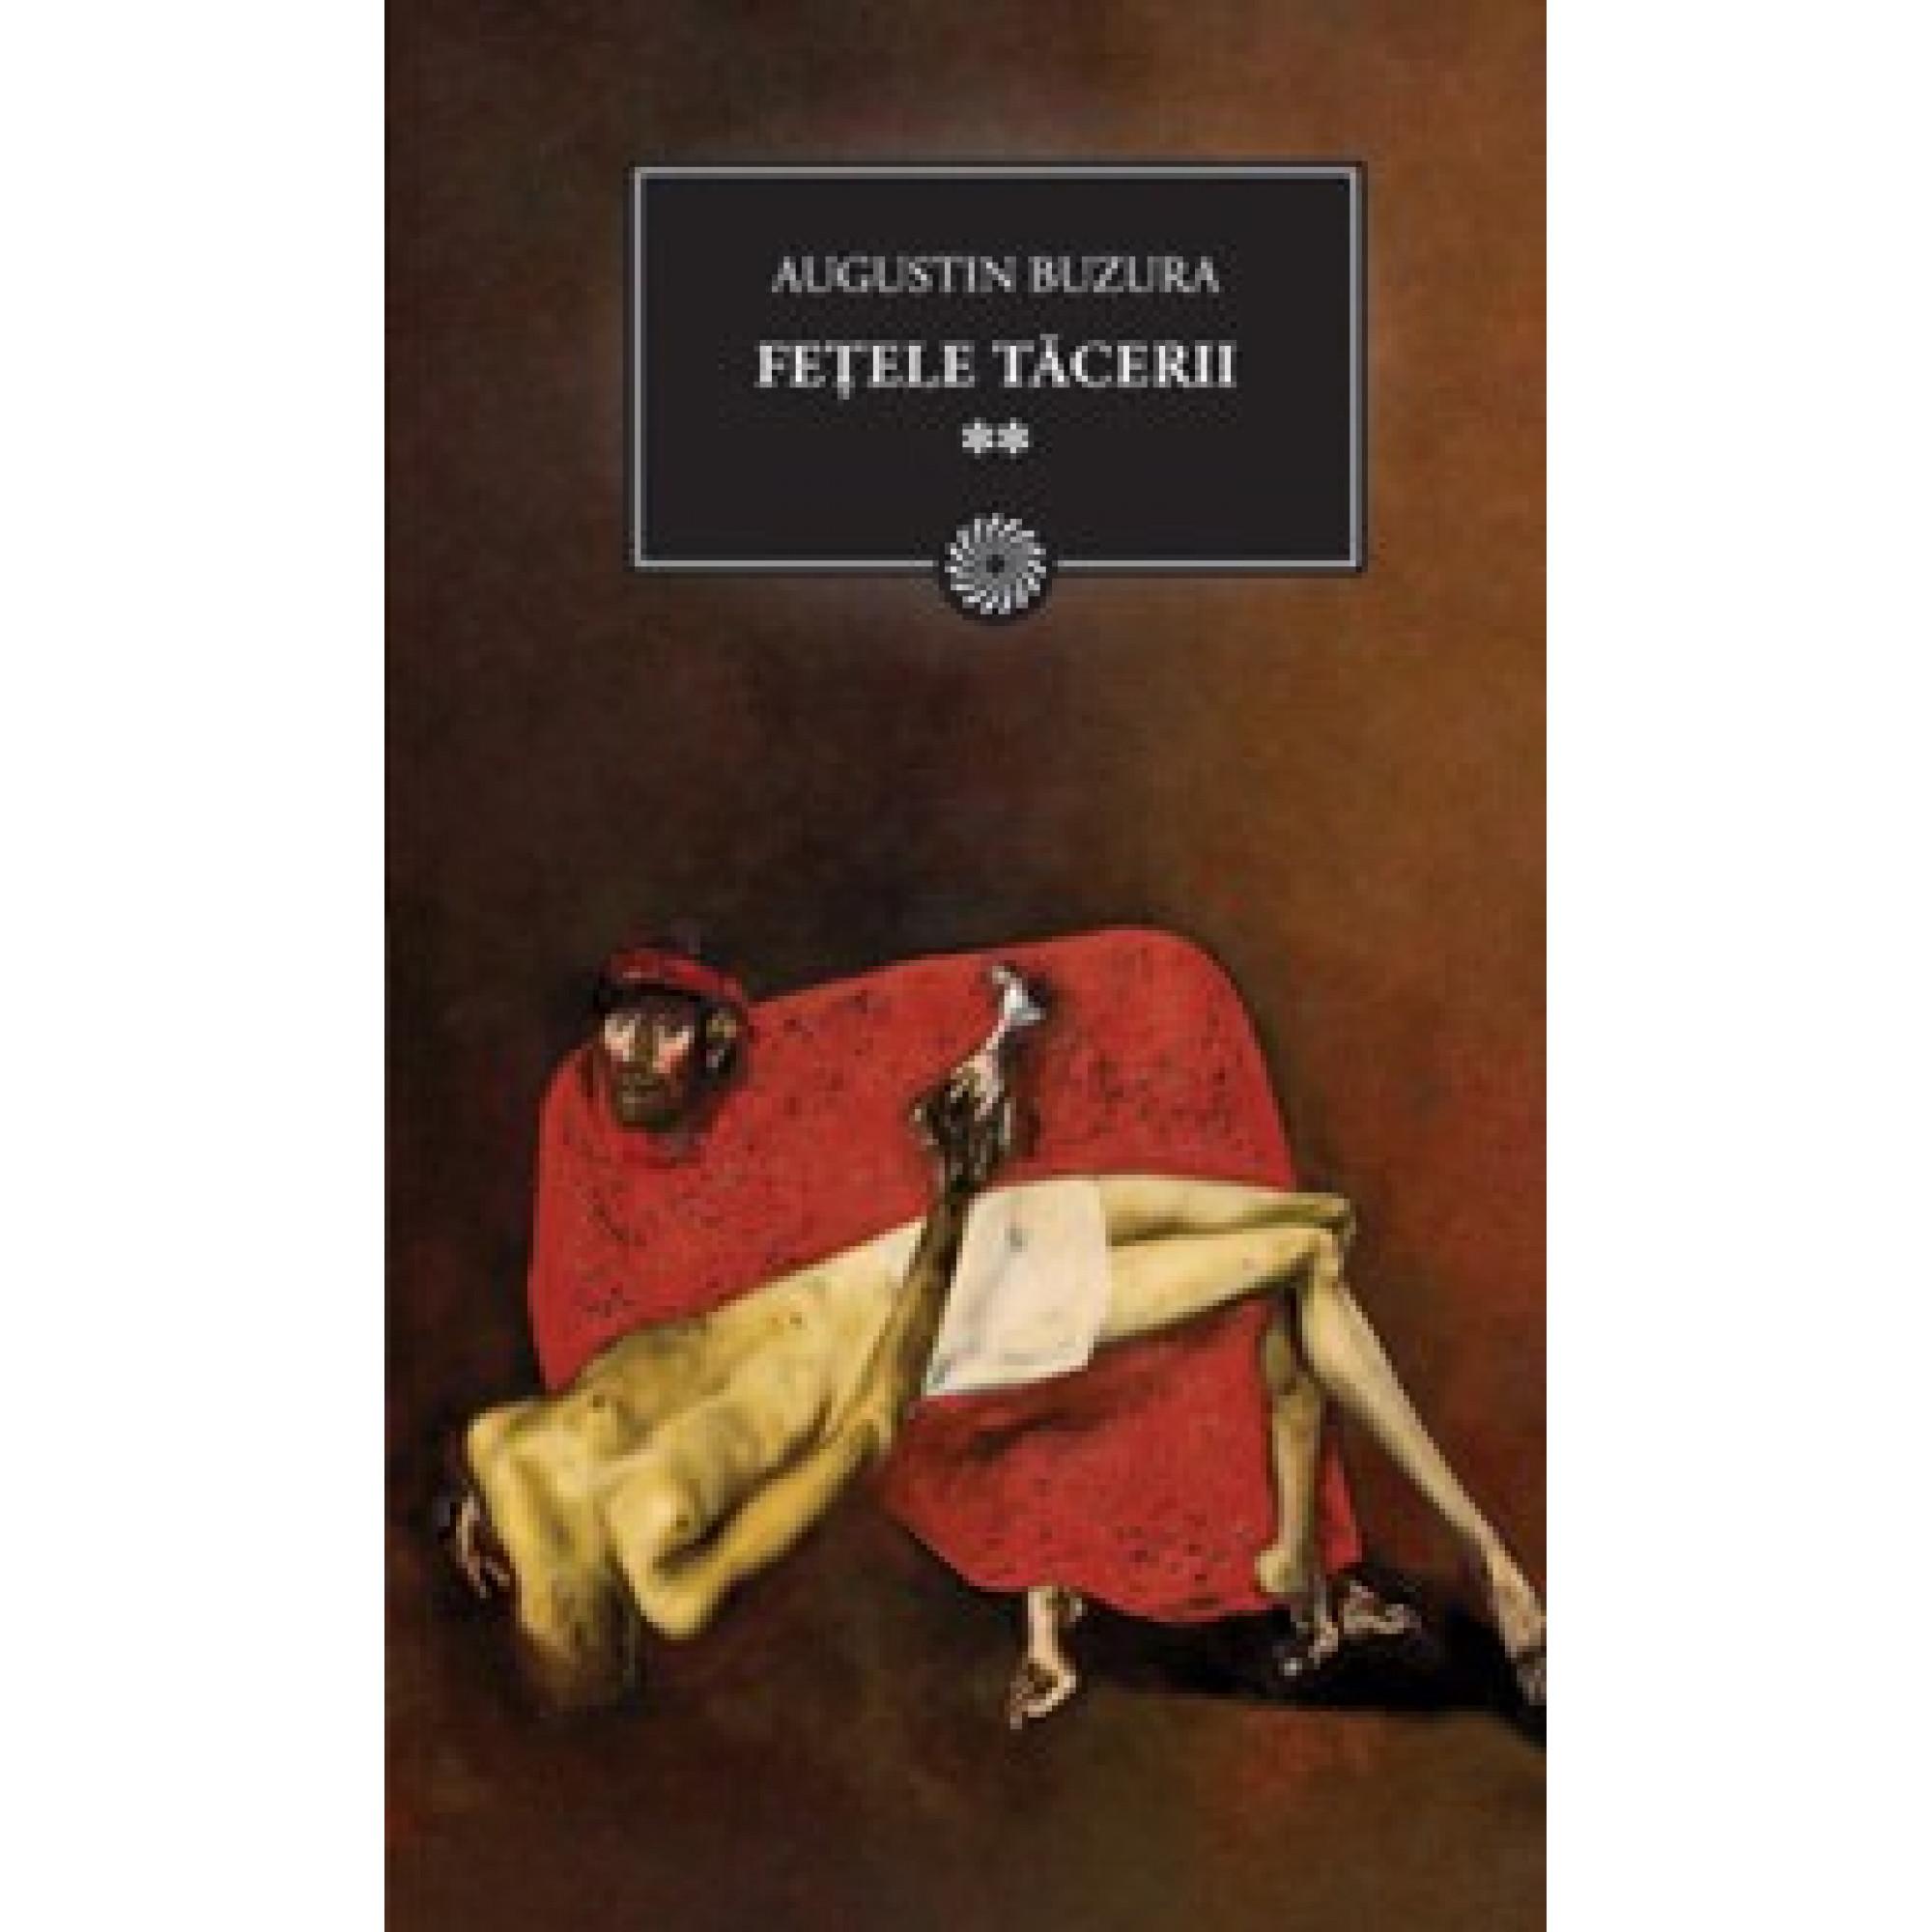 Fețele tăcerii, volumul II; Augustin Buzura